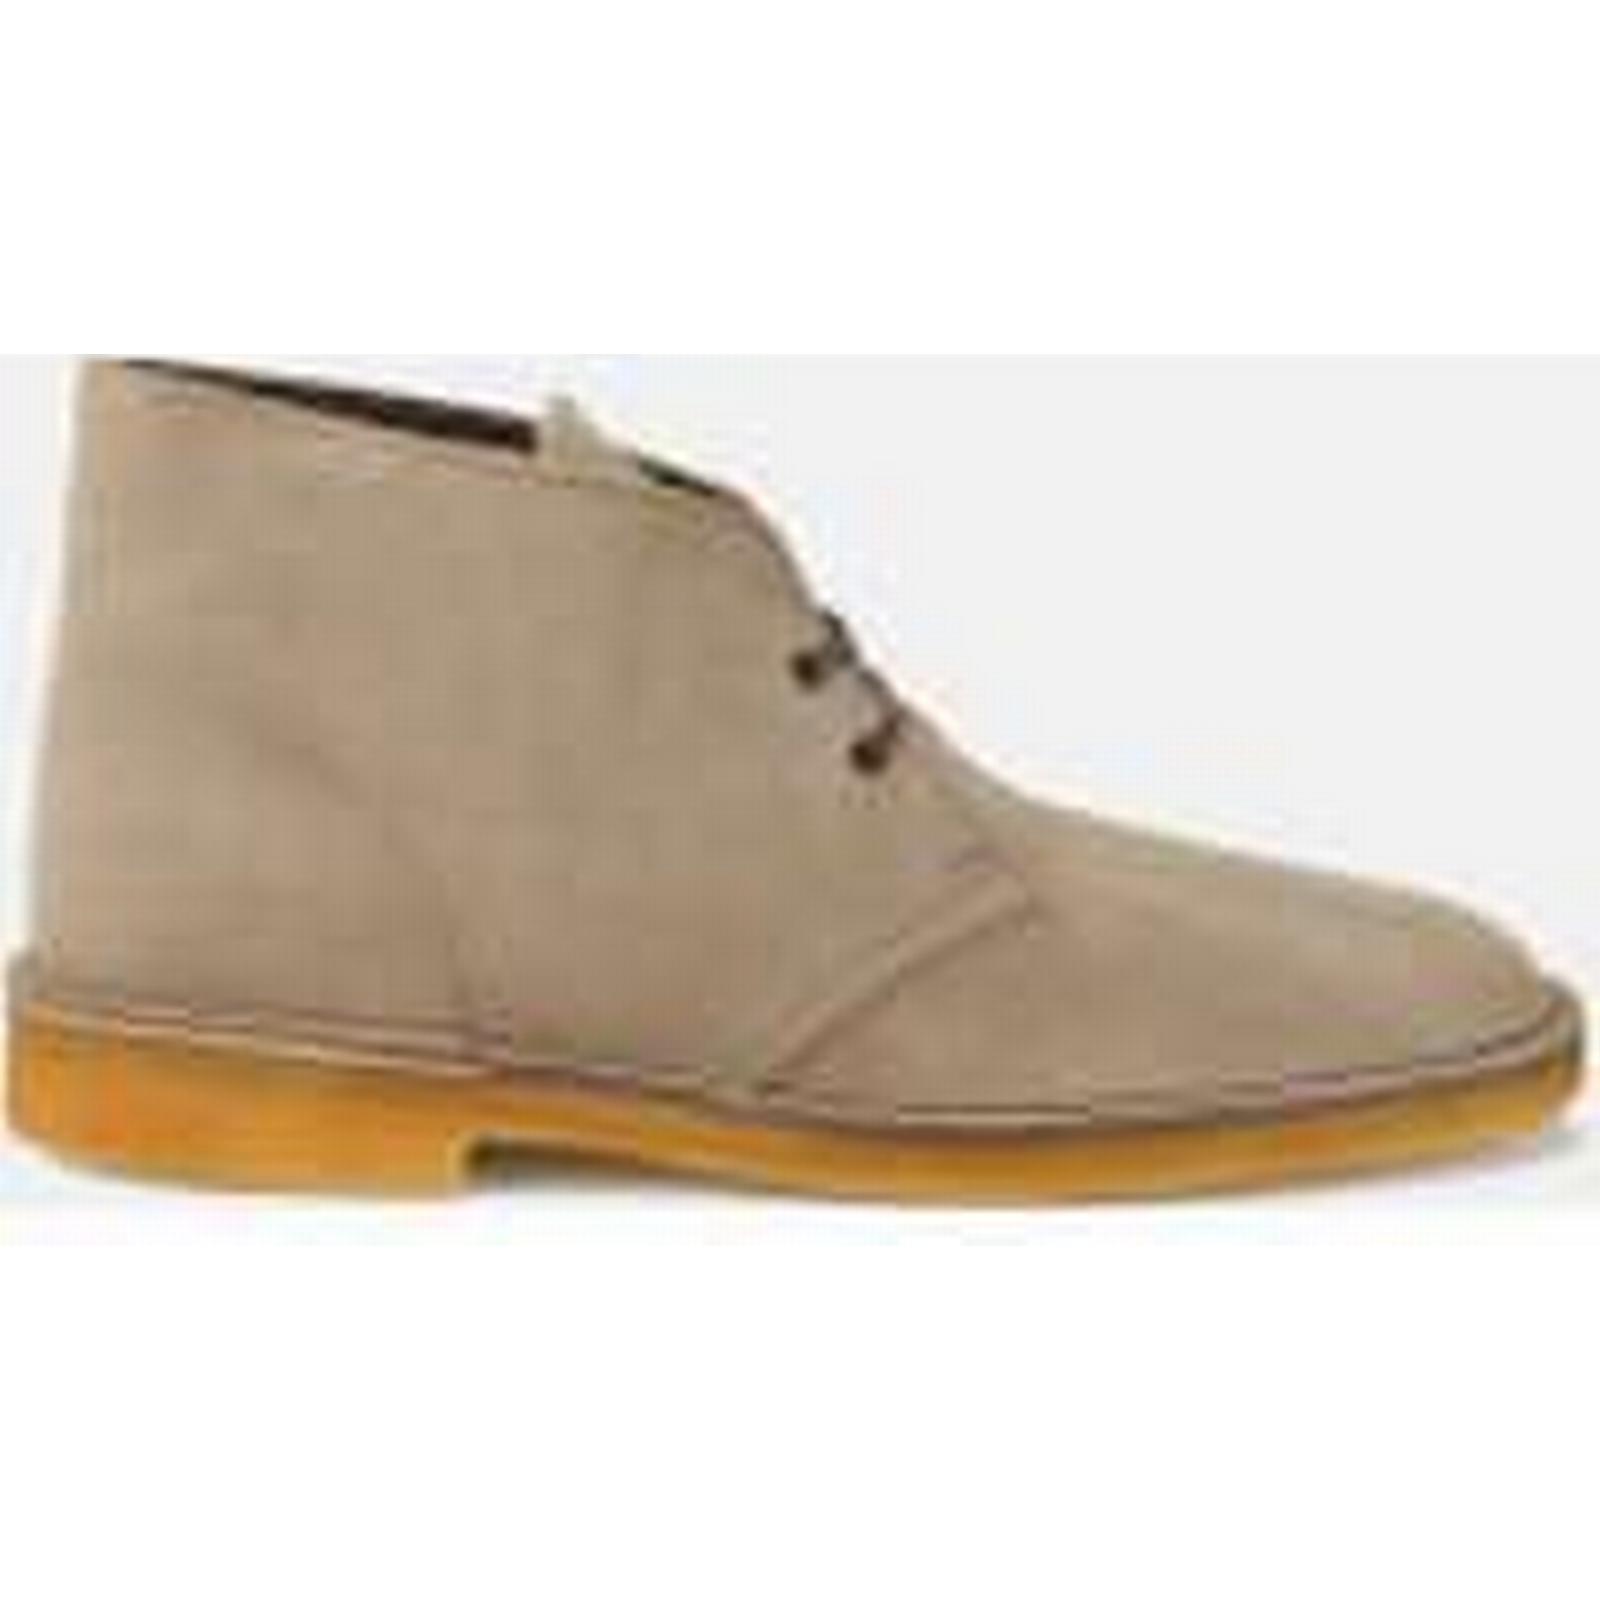 Clarks Originals Men's Desert - Boots - Wolf Suede - Desert UK 8 - Beige 044ff8